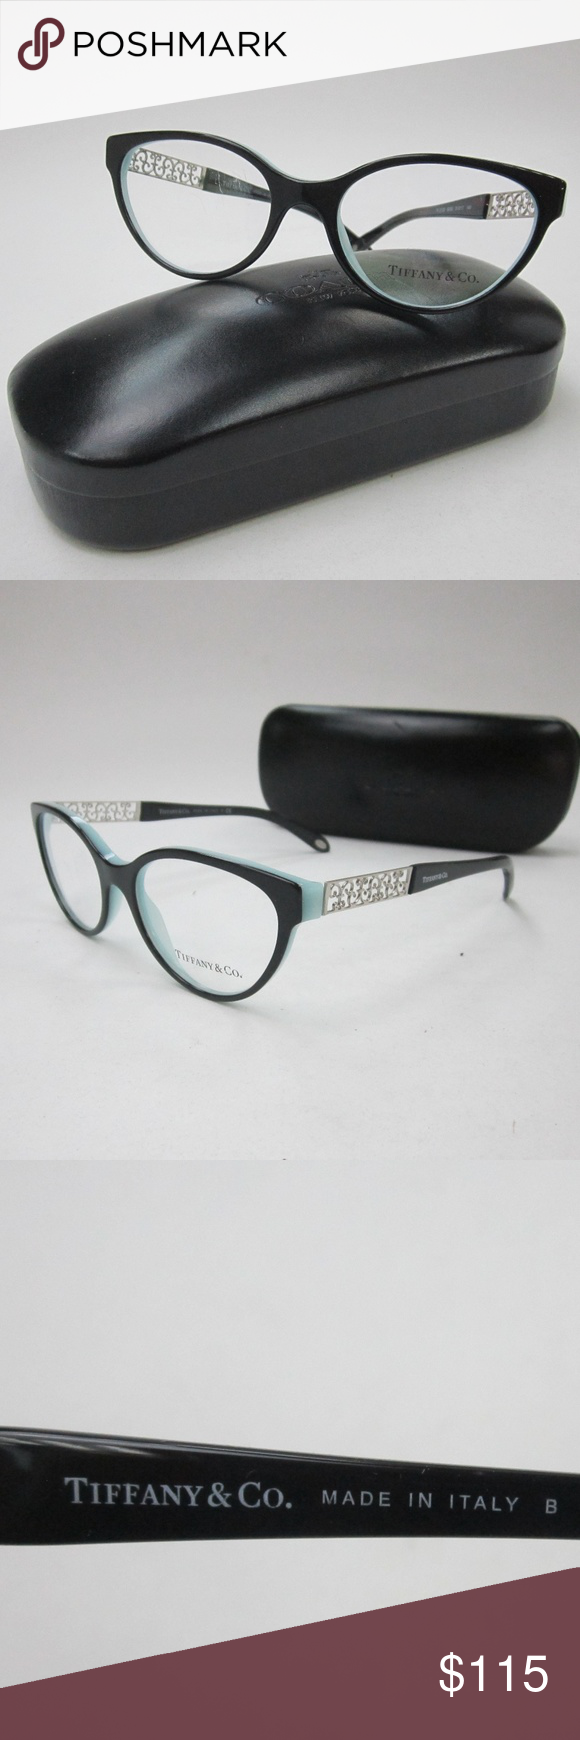 0423552165 Tiffany  amp  Co TF 2129 8055 Eyeglasses  Italy OLN164 Tiffany  amp  Co